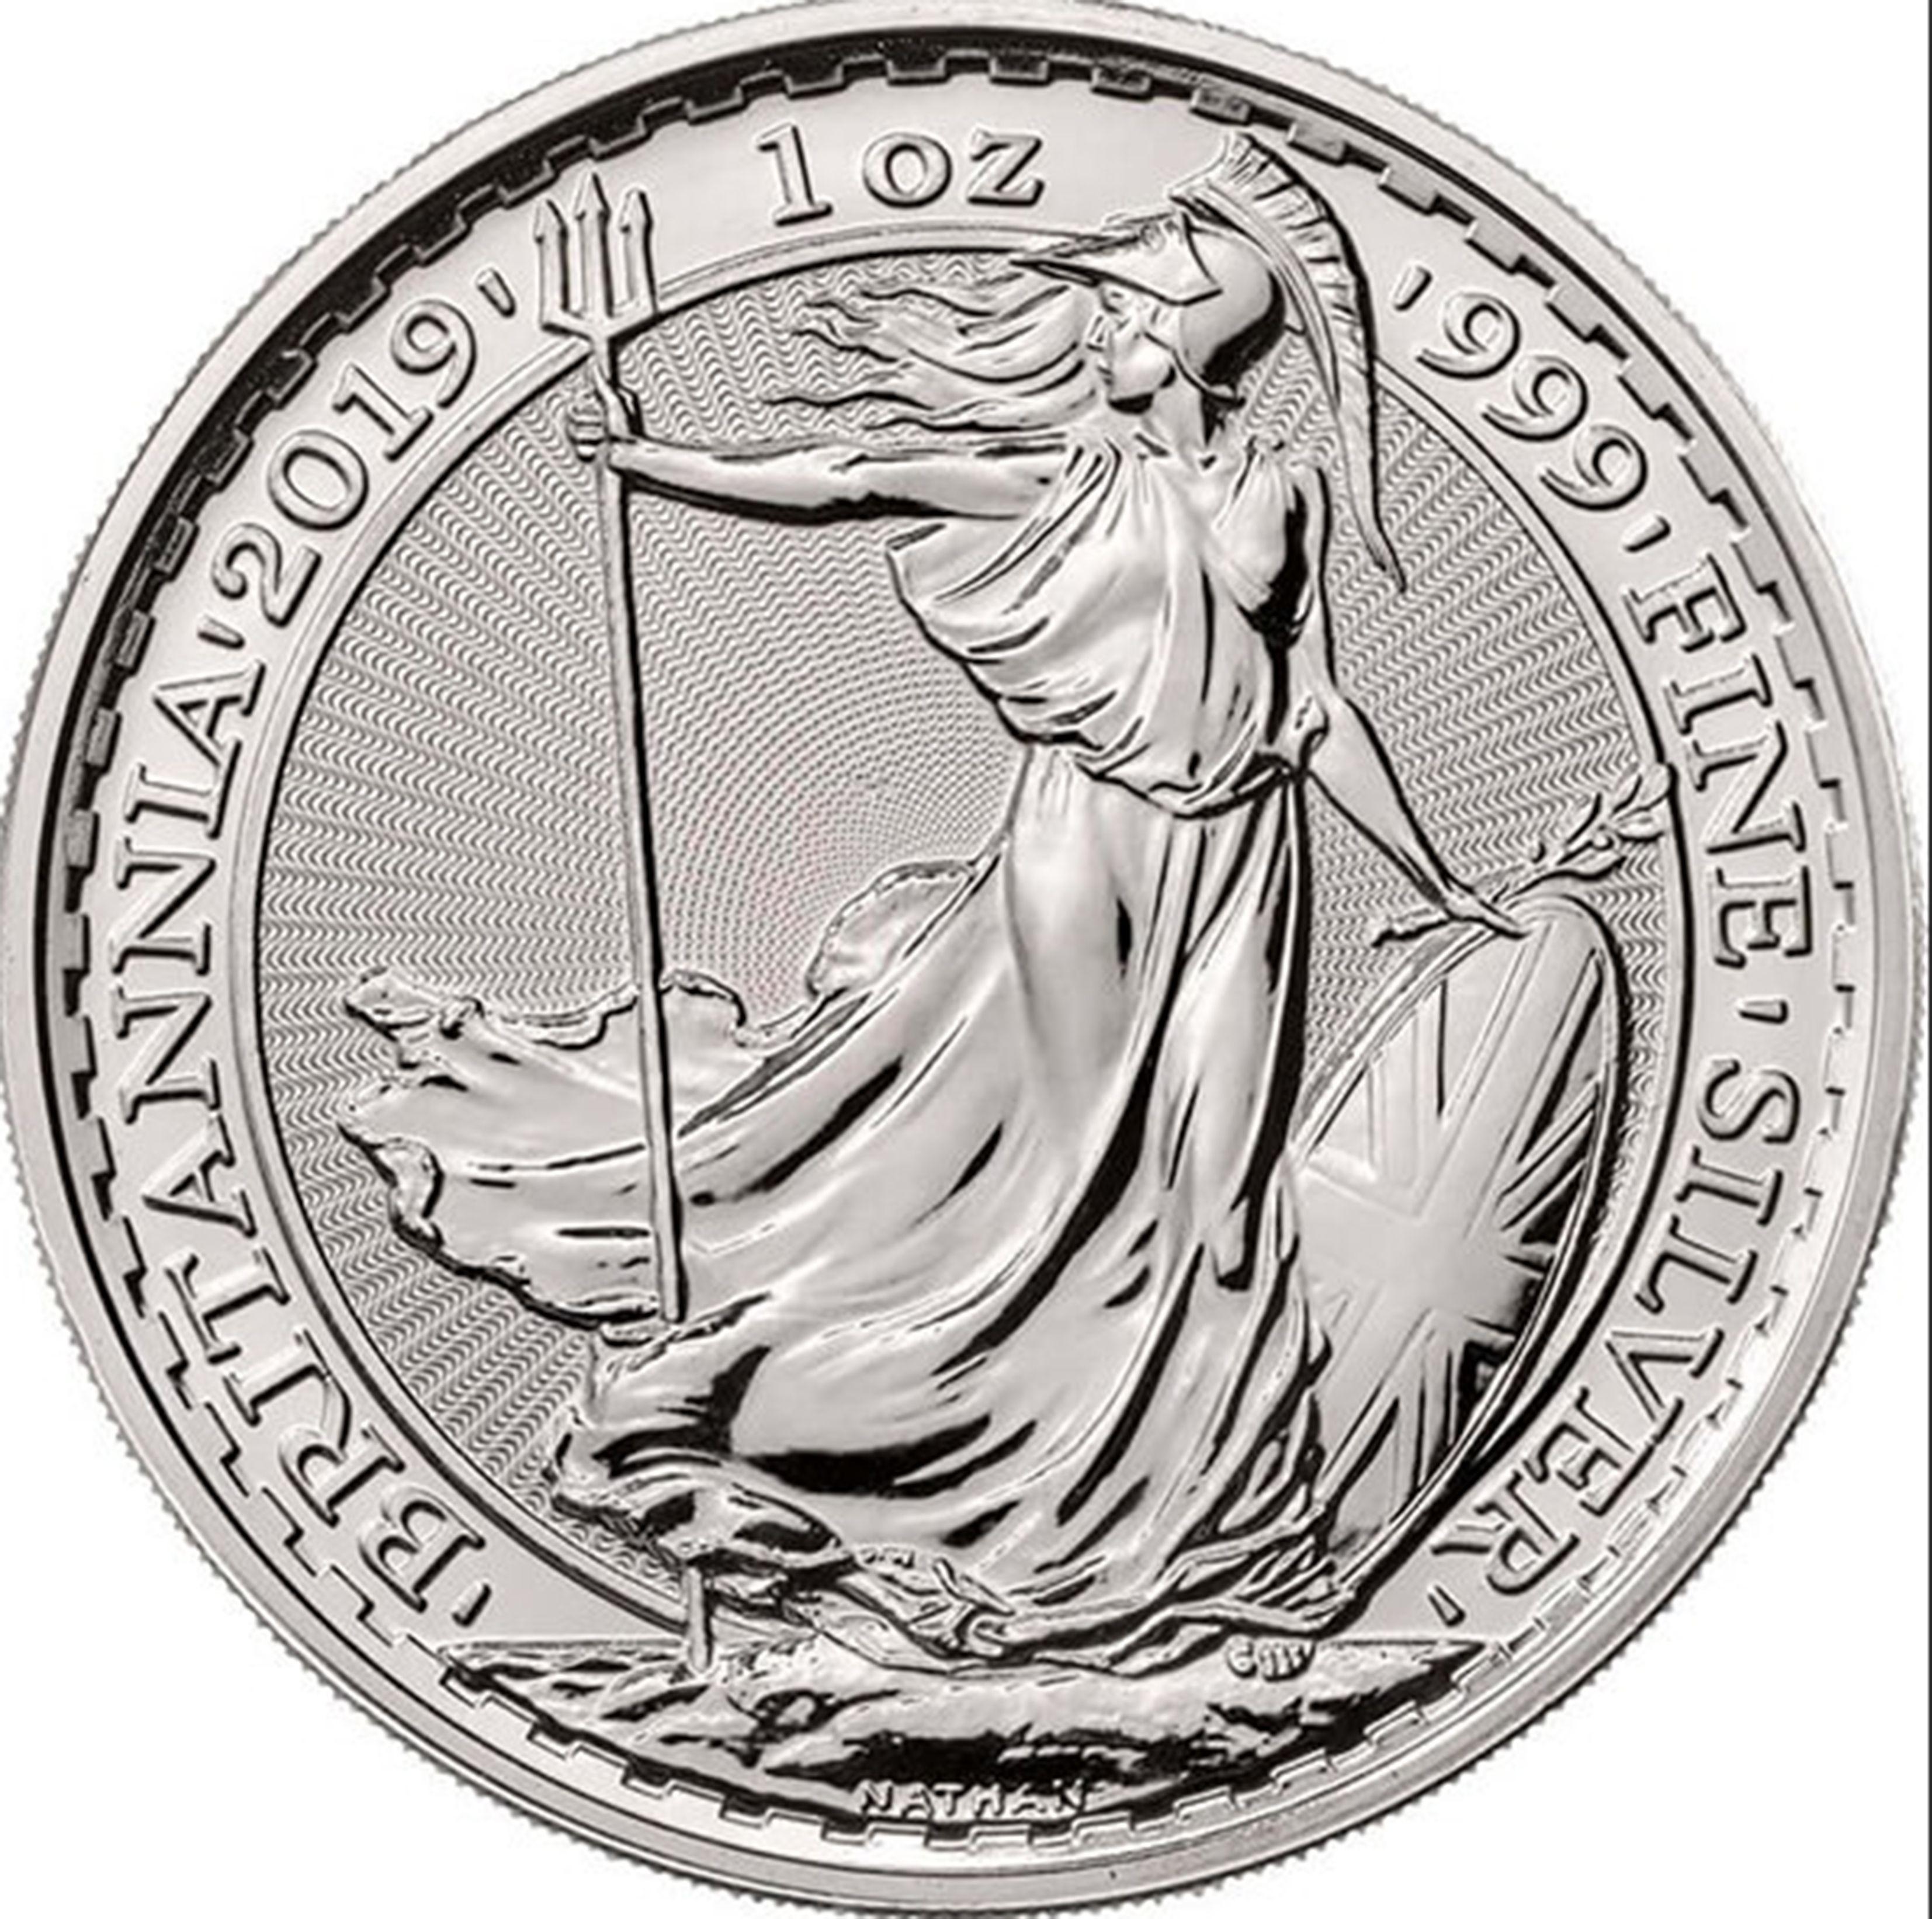 United Kingdom Silver Britannia Coin Silver Bullion Coins Bullion Coins Silver Coins